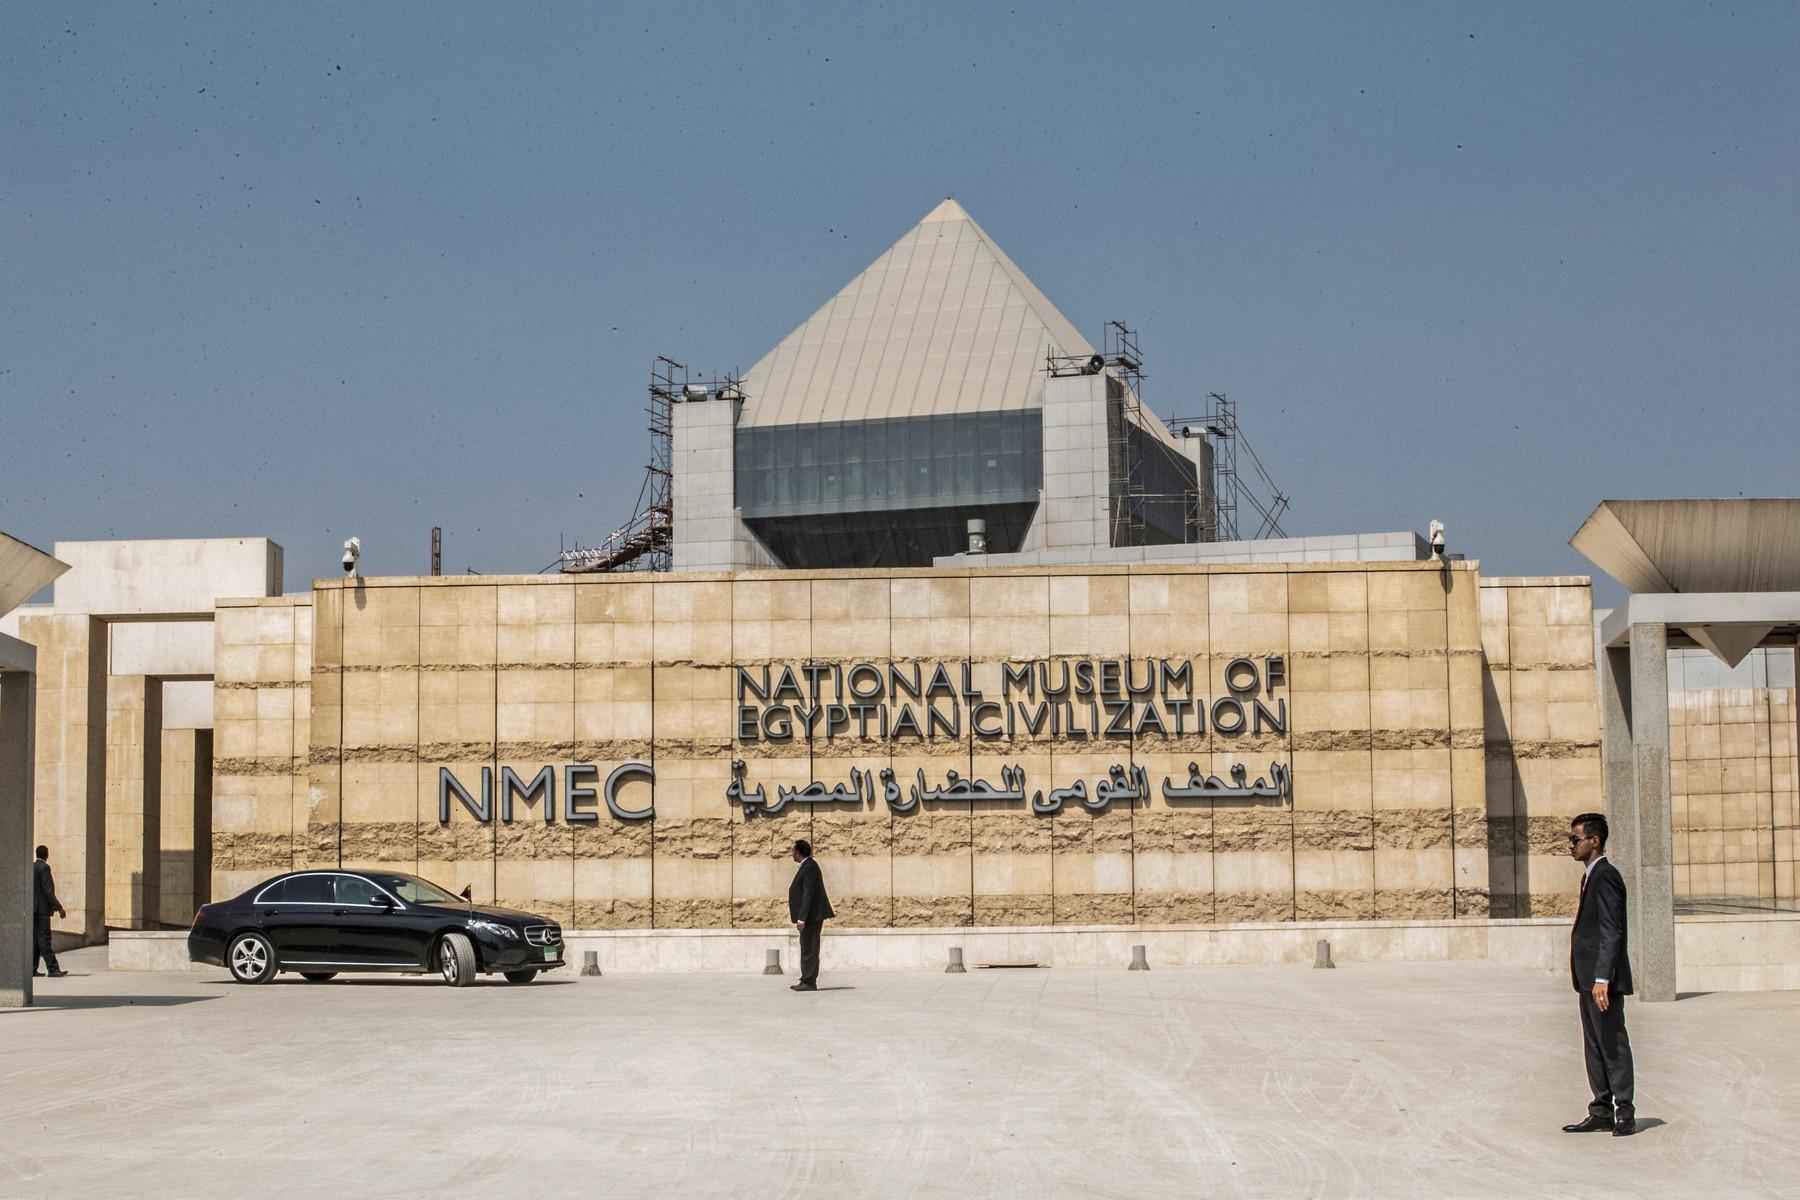 Nacionalni muzej egipatske civilizacije